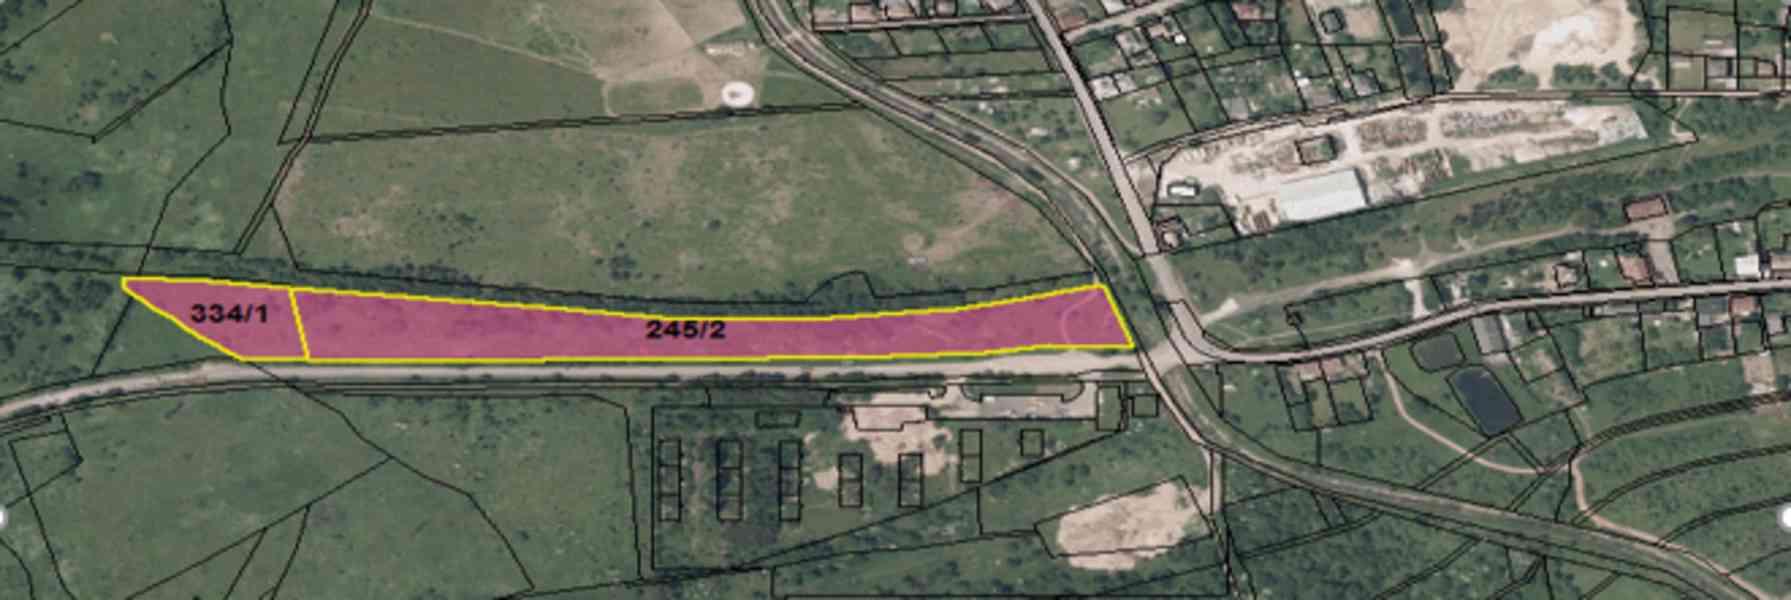 Pronájem pozemků ve vlastnictví spol. ORLEN Unipetrol RPA - foto 2